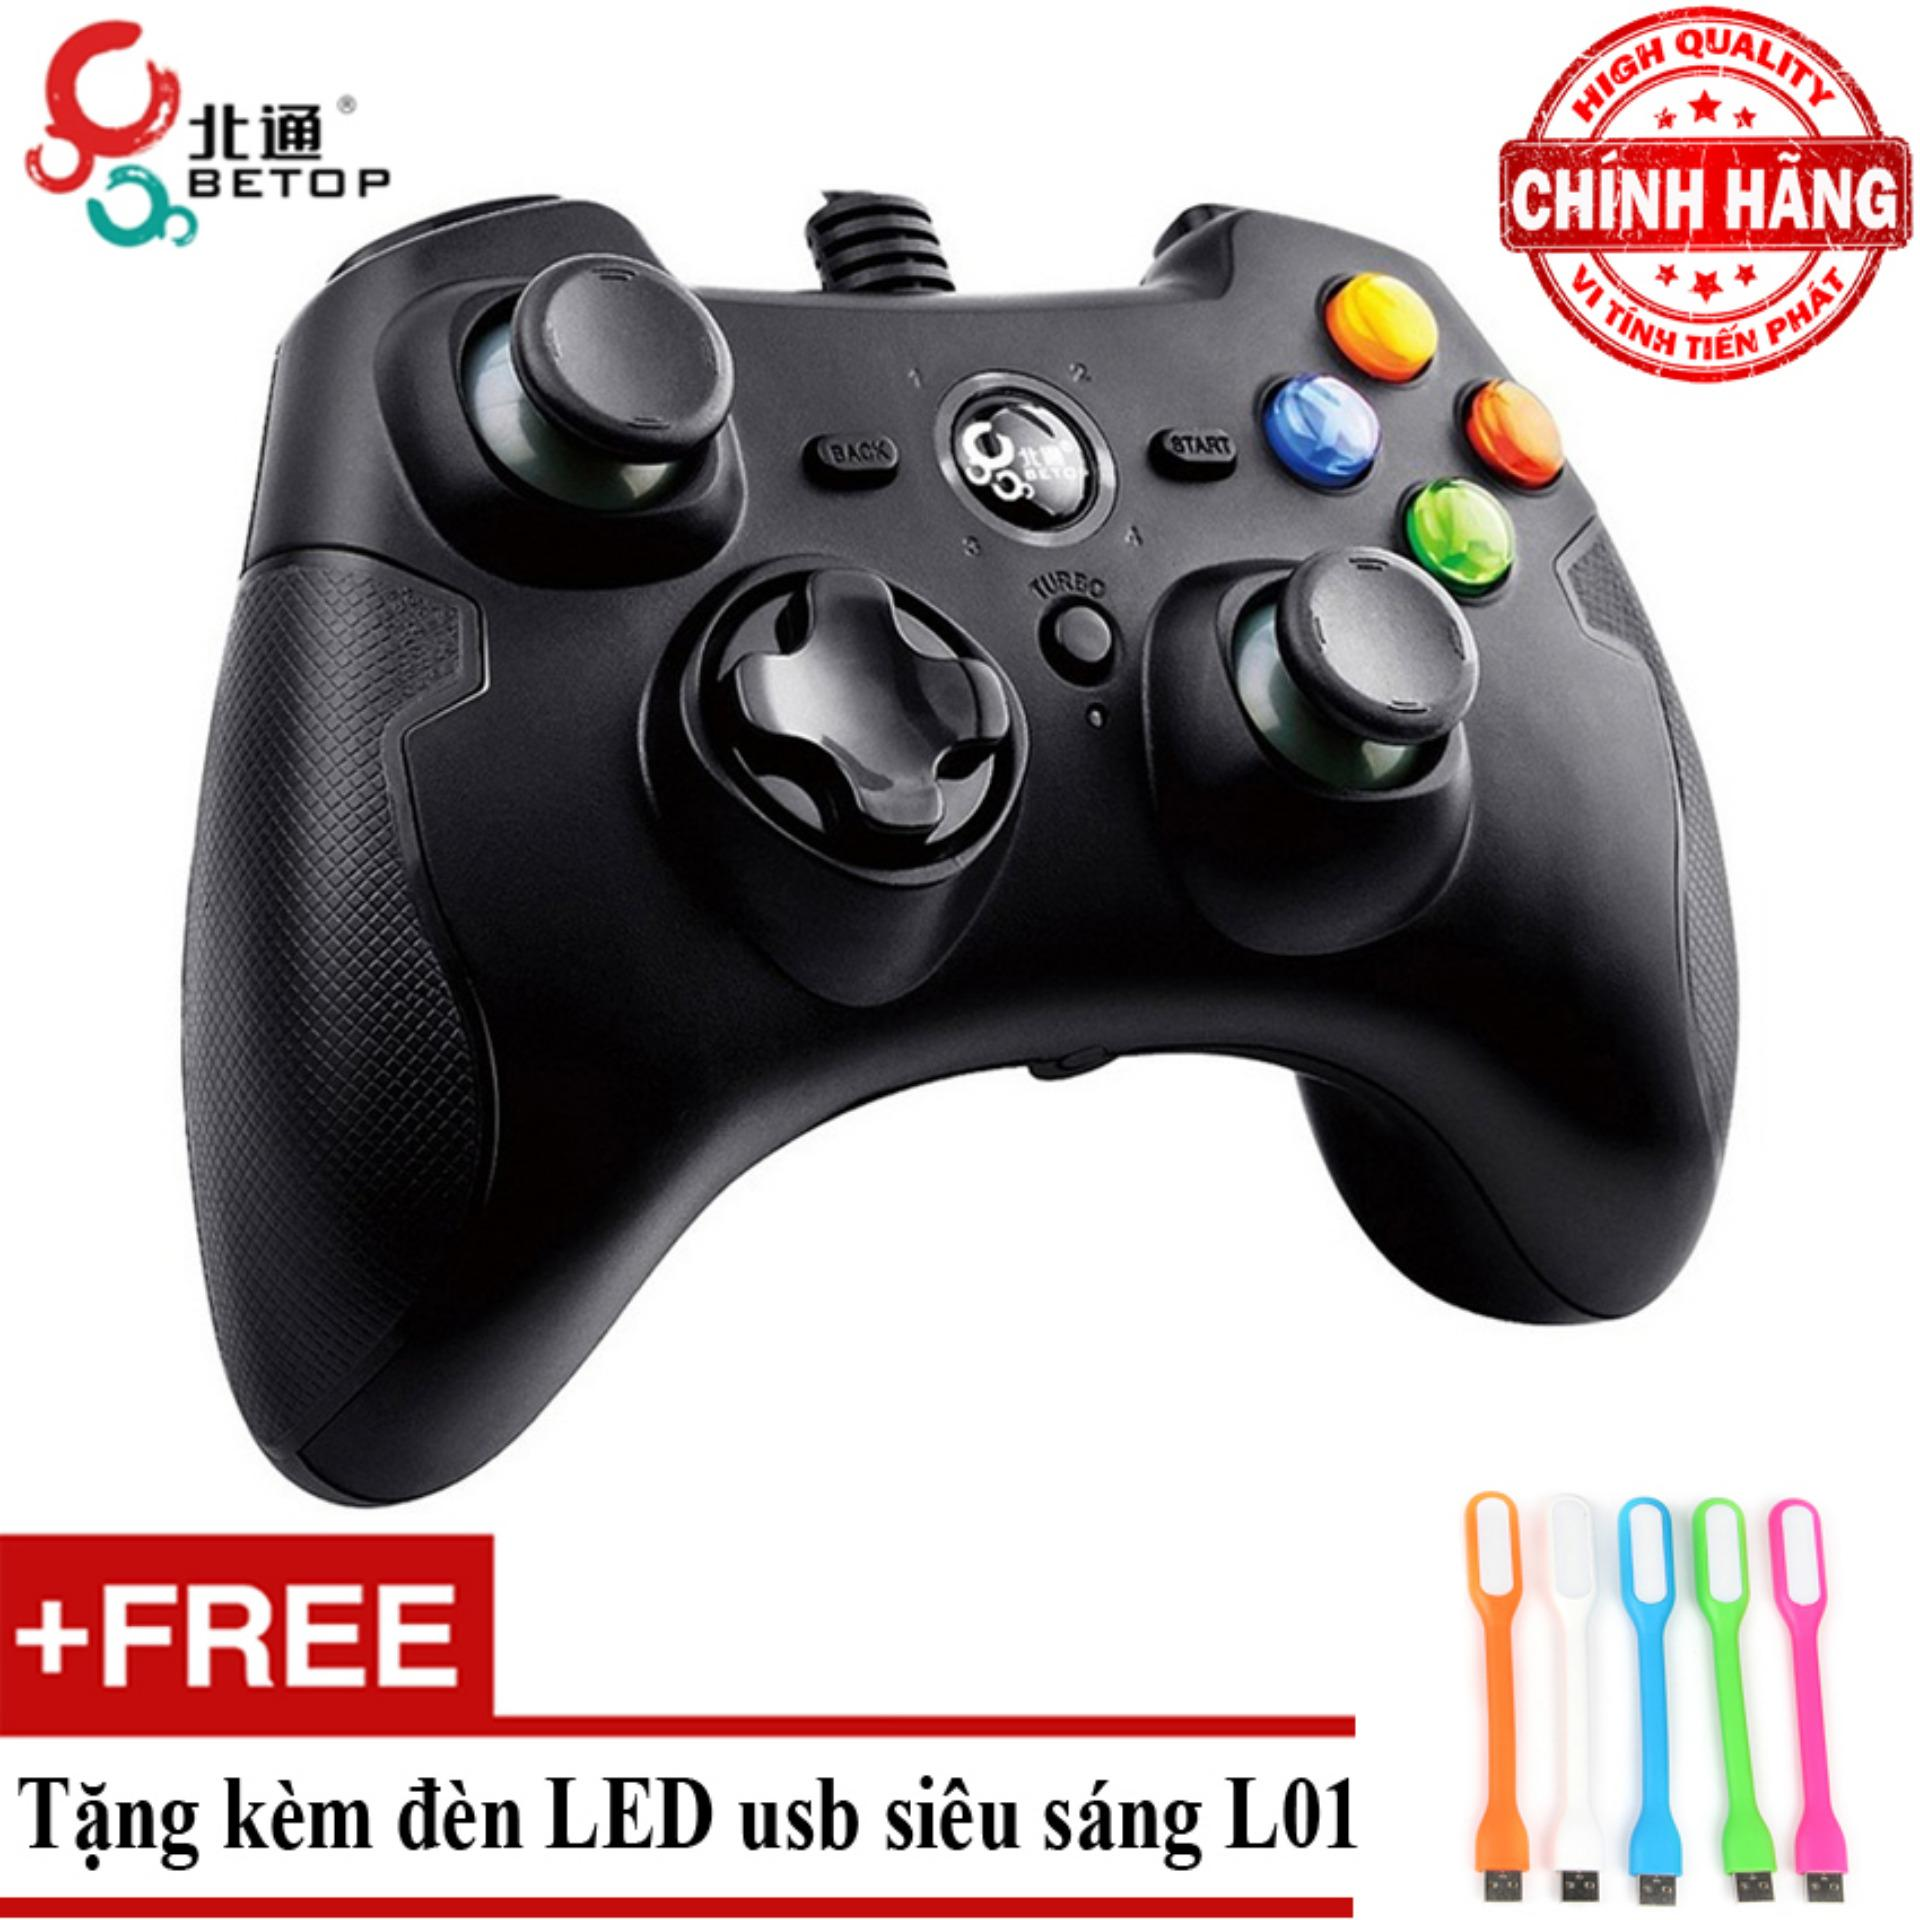 Mẫu sản phẩm Tay cầm chơi game có dây Betop BTP 2272 + Tặng đèn Led usb L01